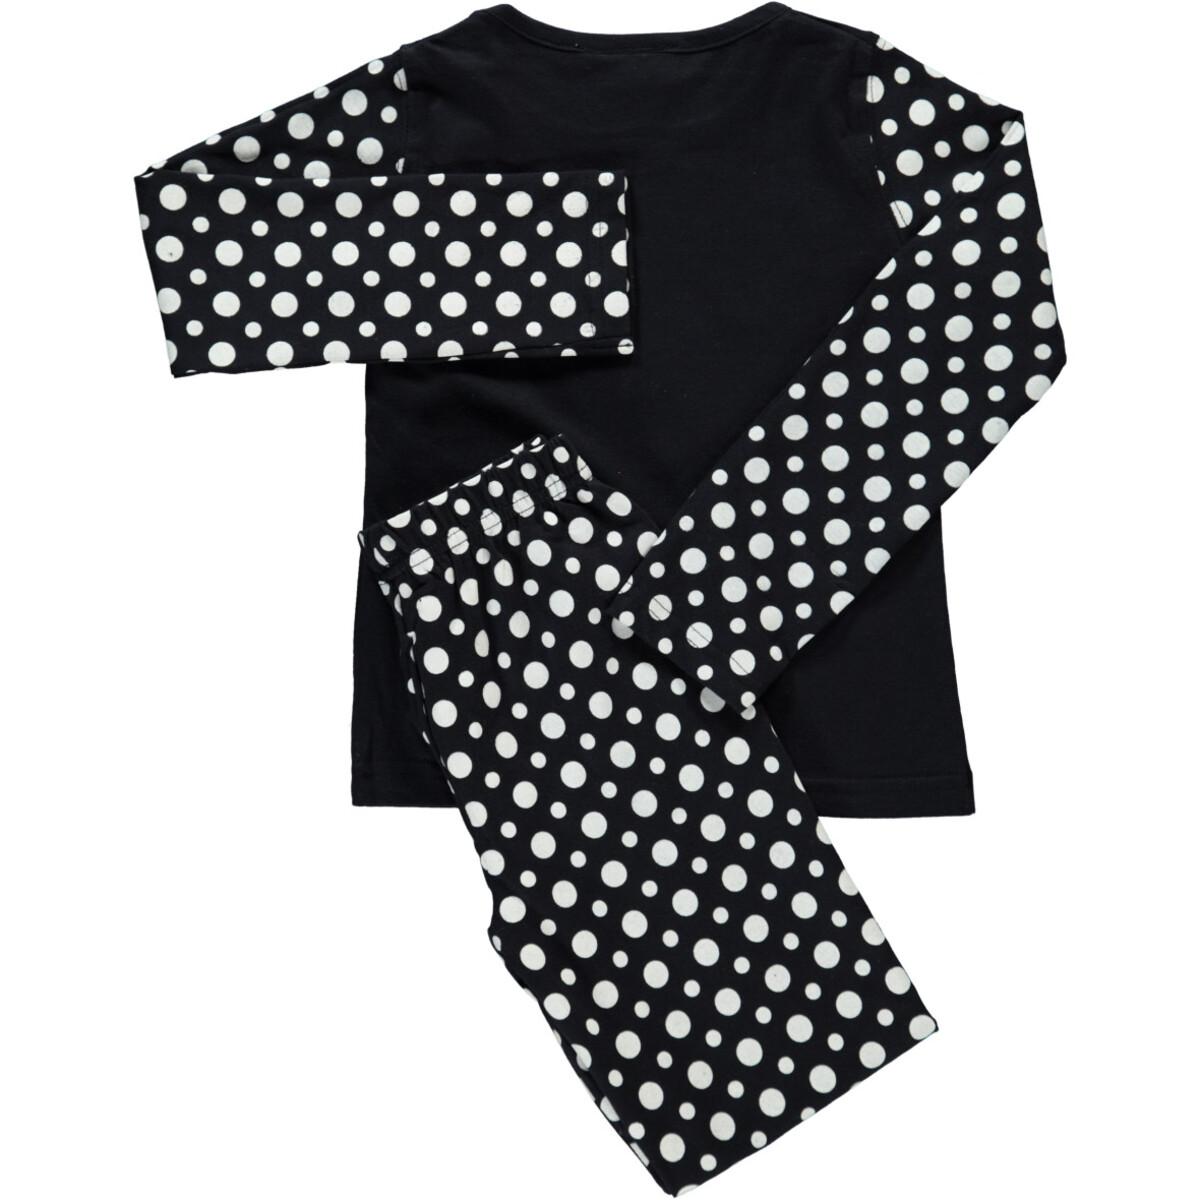 Bild 2 von Mädchen Pyjama Set mit lustigem Print